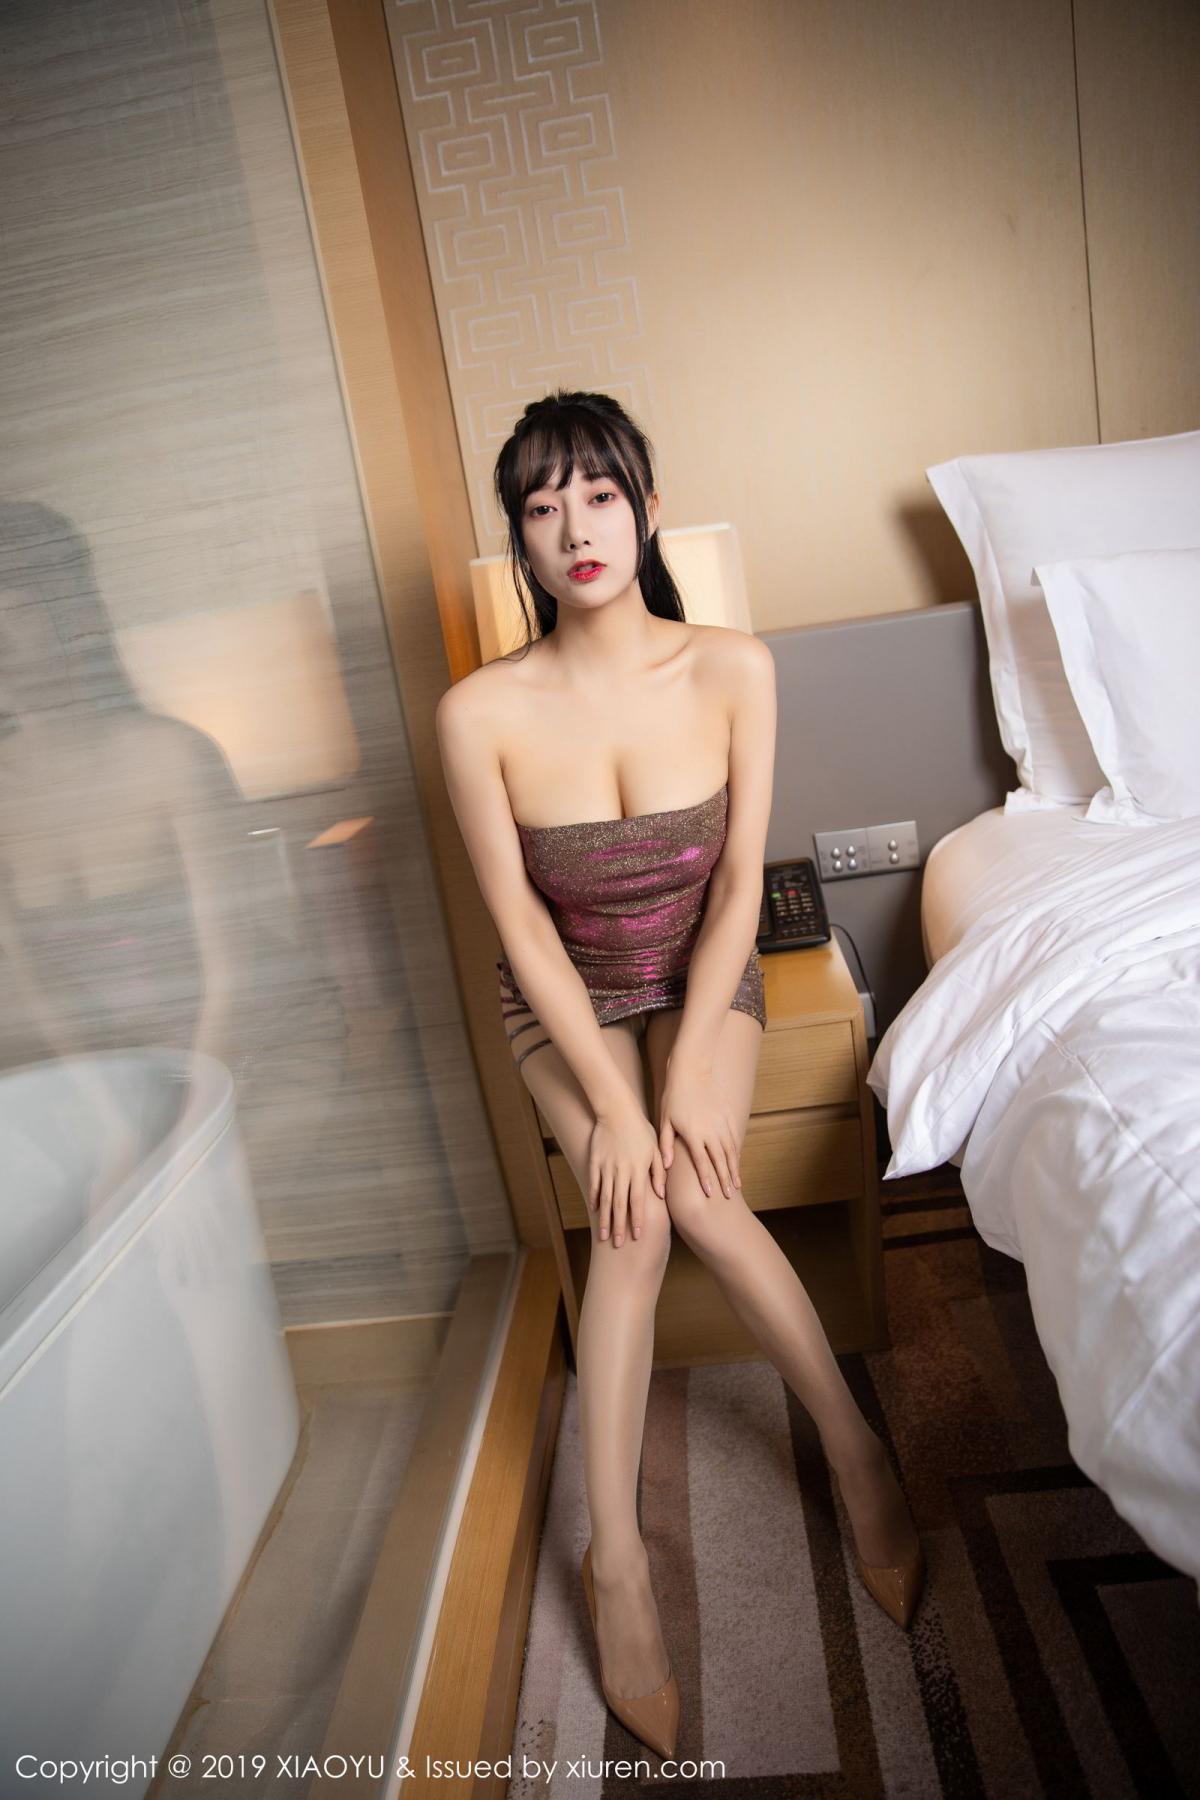 [XiaoYu] Vol.159 He Jia Ying 12P, He Jia Ying, Tall, XiaoYu